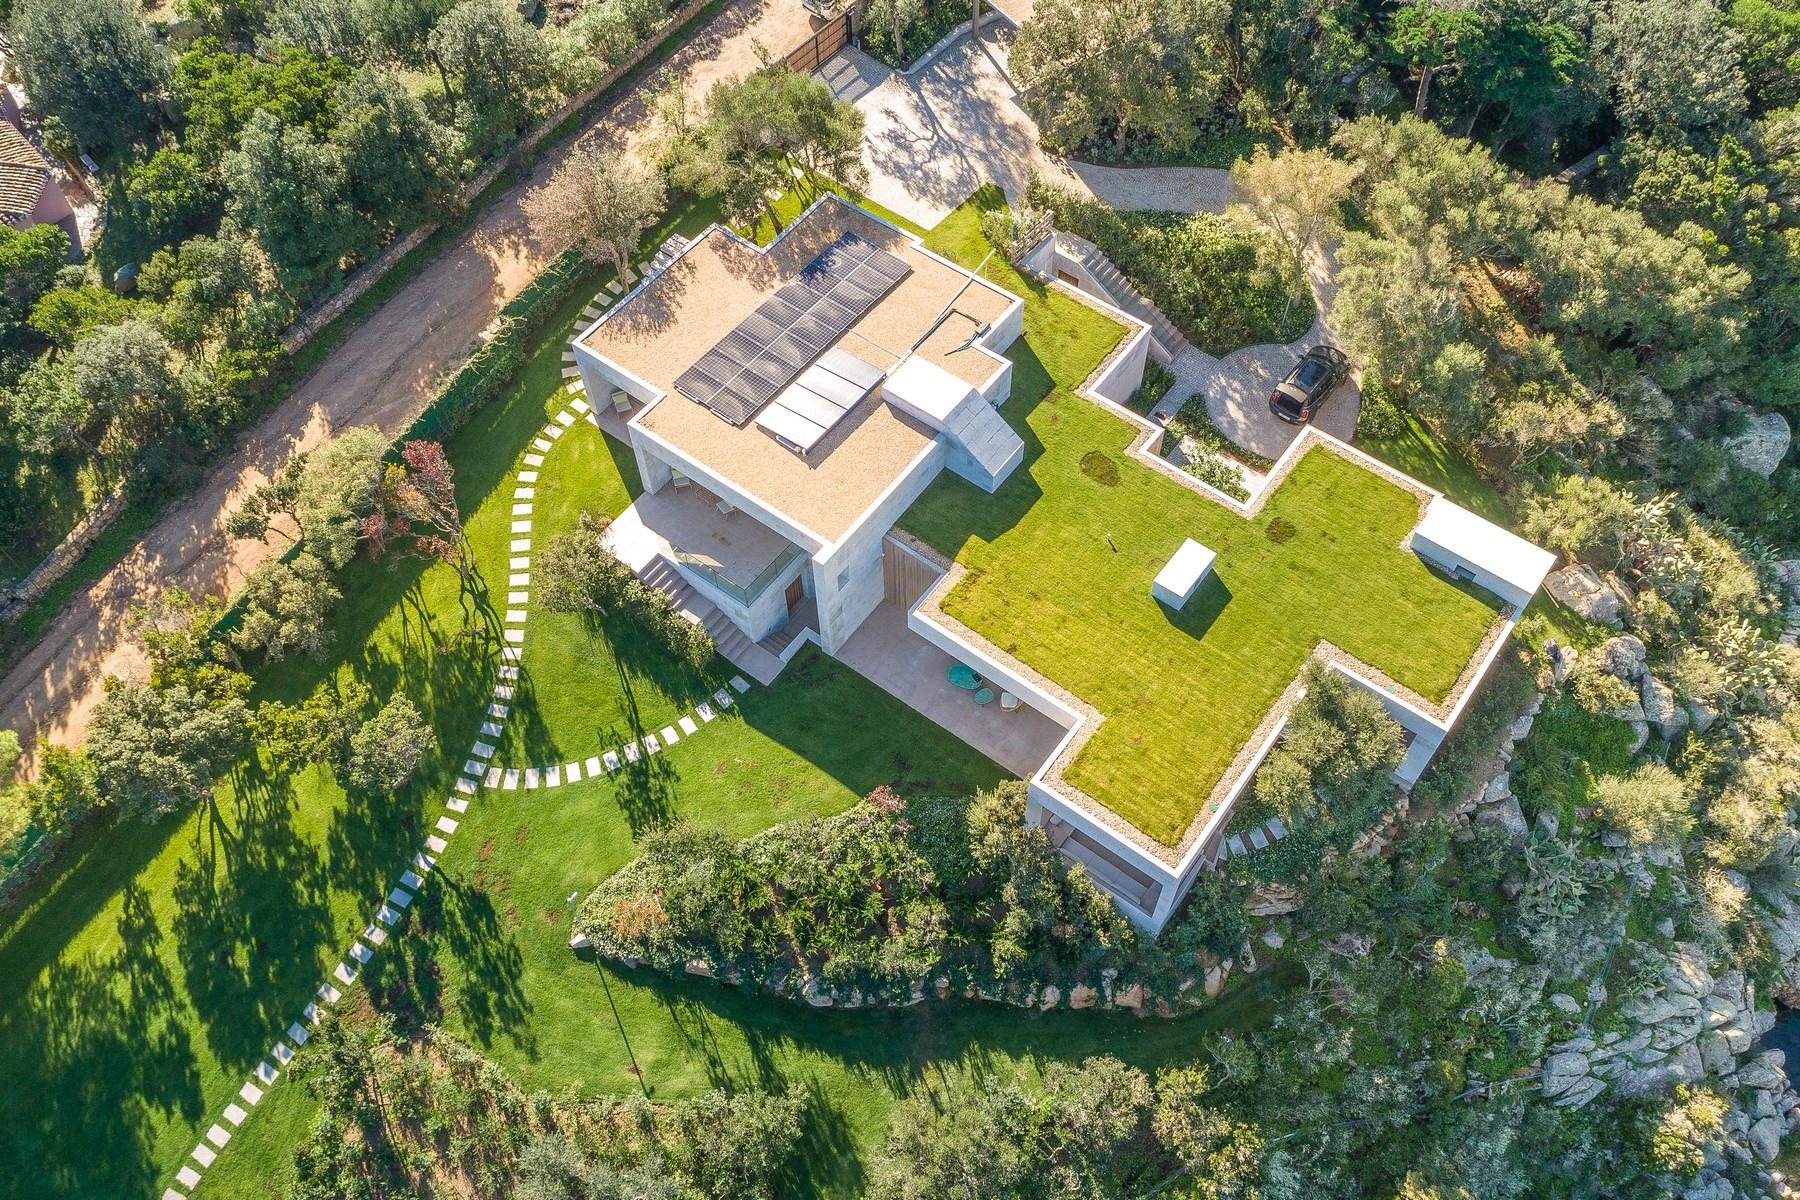 Villa in Vendita a Santa Teresa Gallura: 5 locali, 350 mq - Foto 3